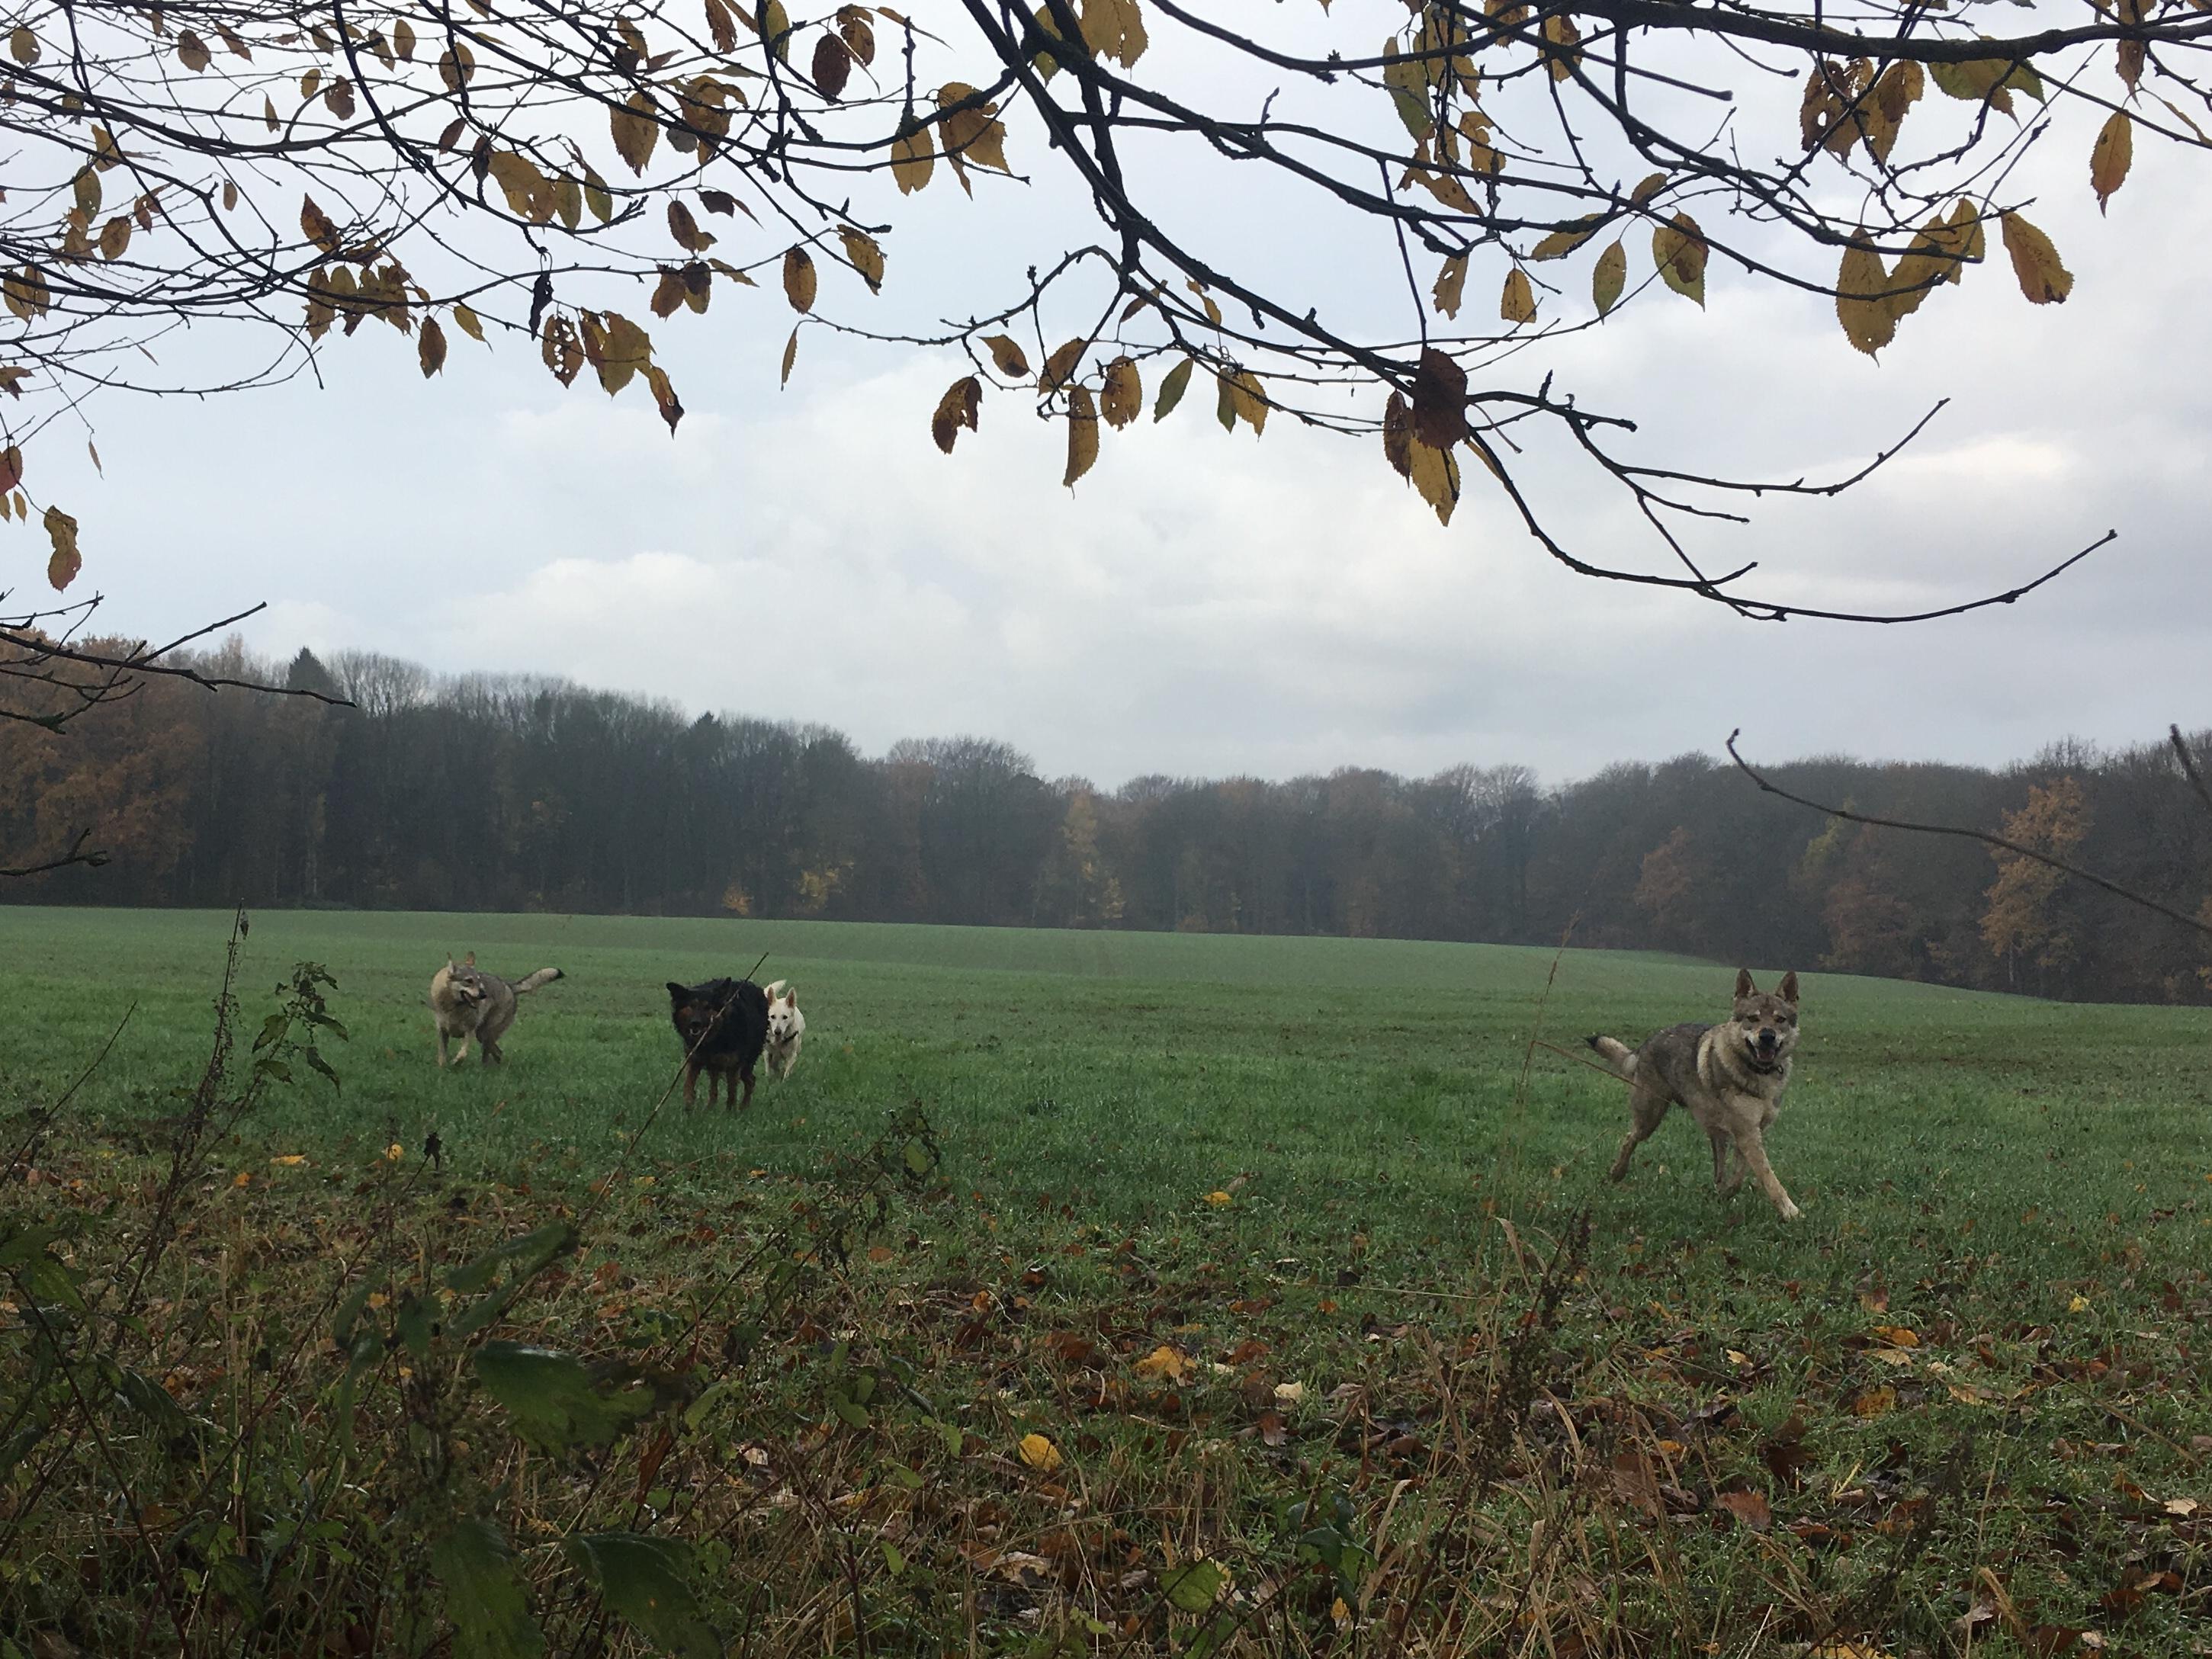 Chiens loups tchécoslovaques s'amusant avec d'autres chiens dans un champ